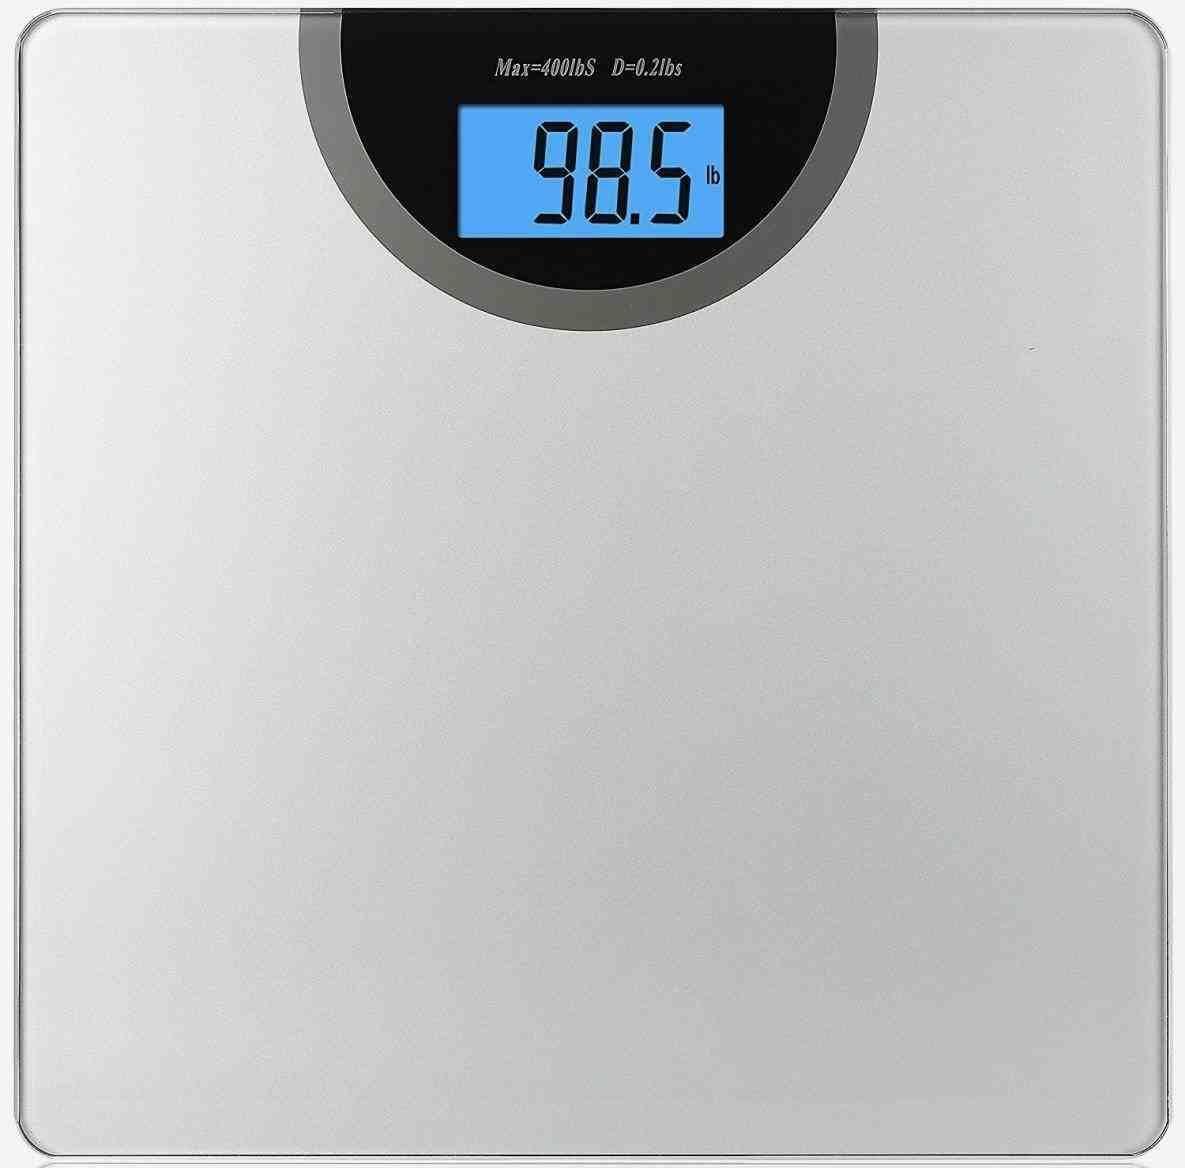 New Post Large Display Digital Bathroom Scales LivingRooms - Large display digital bathroom scales